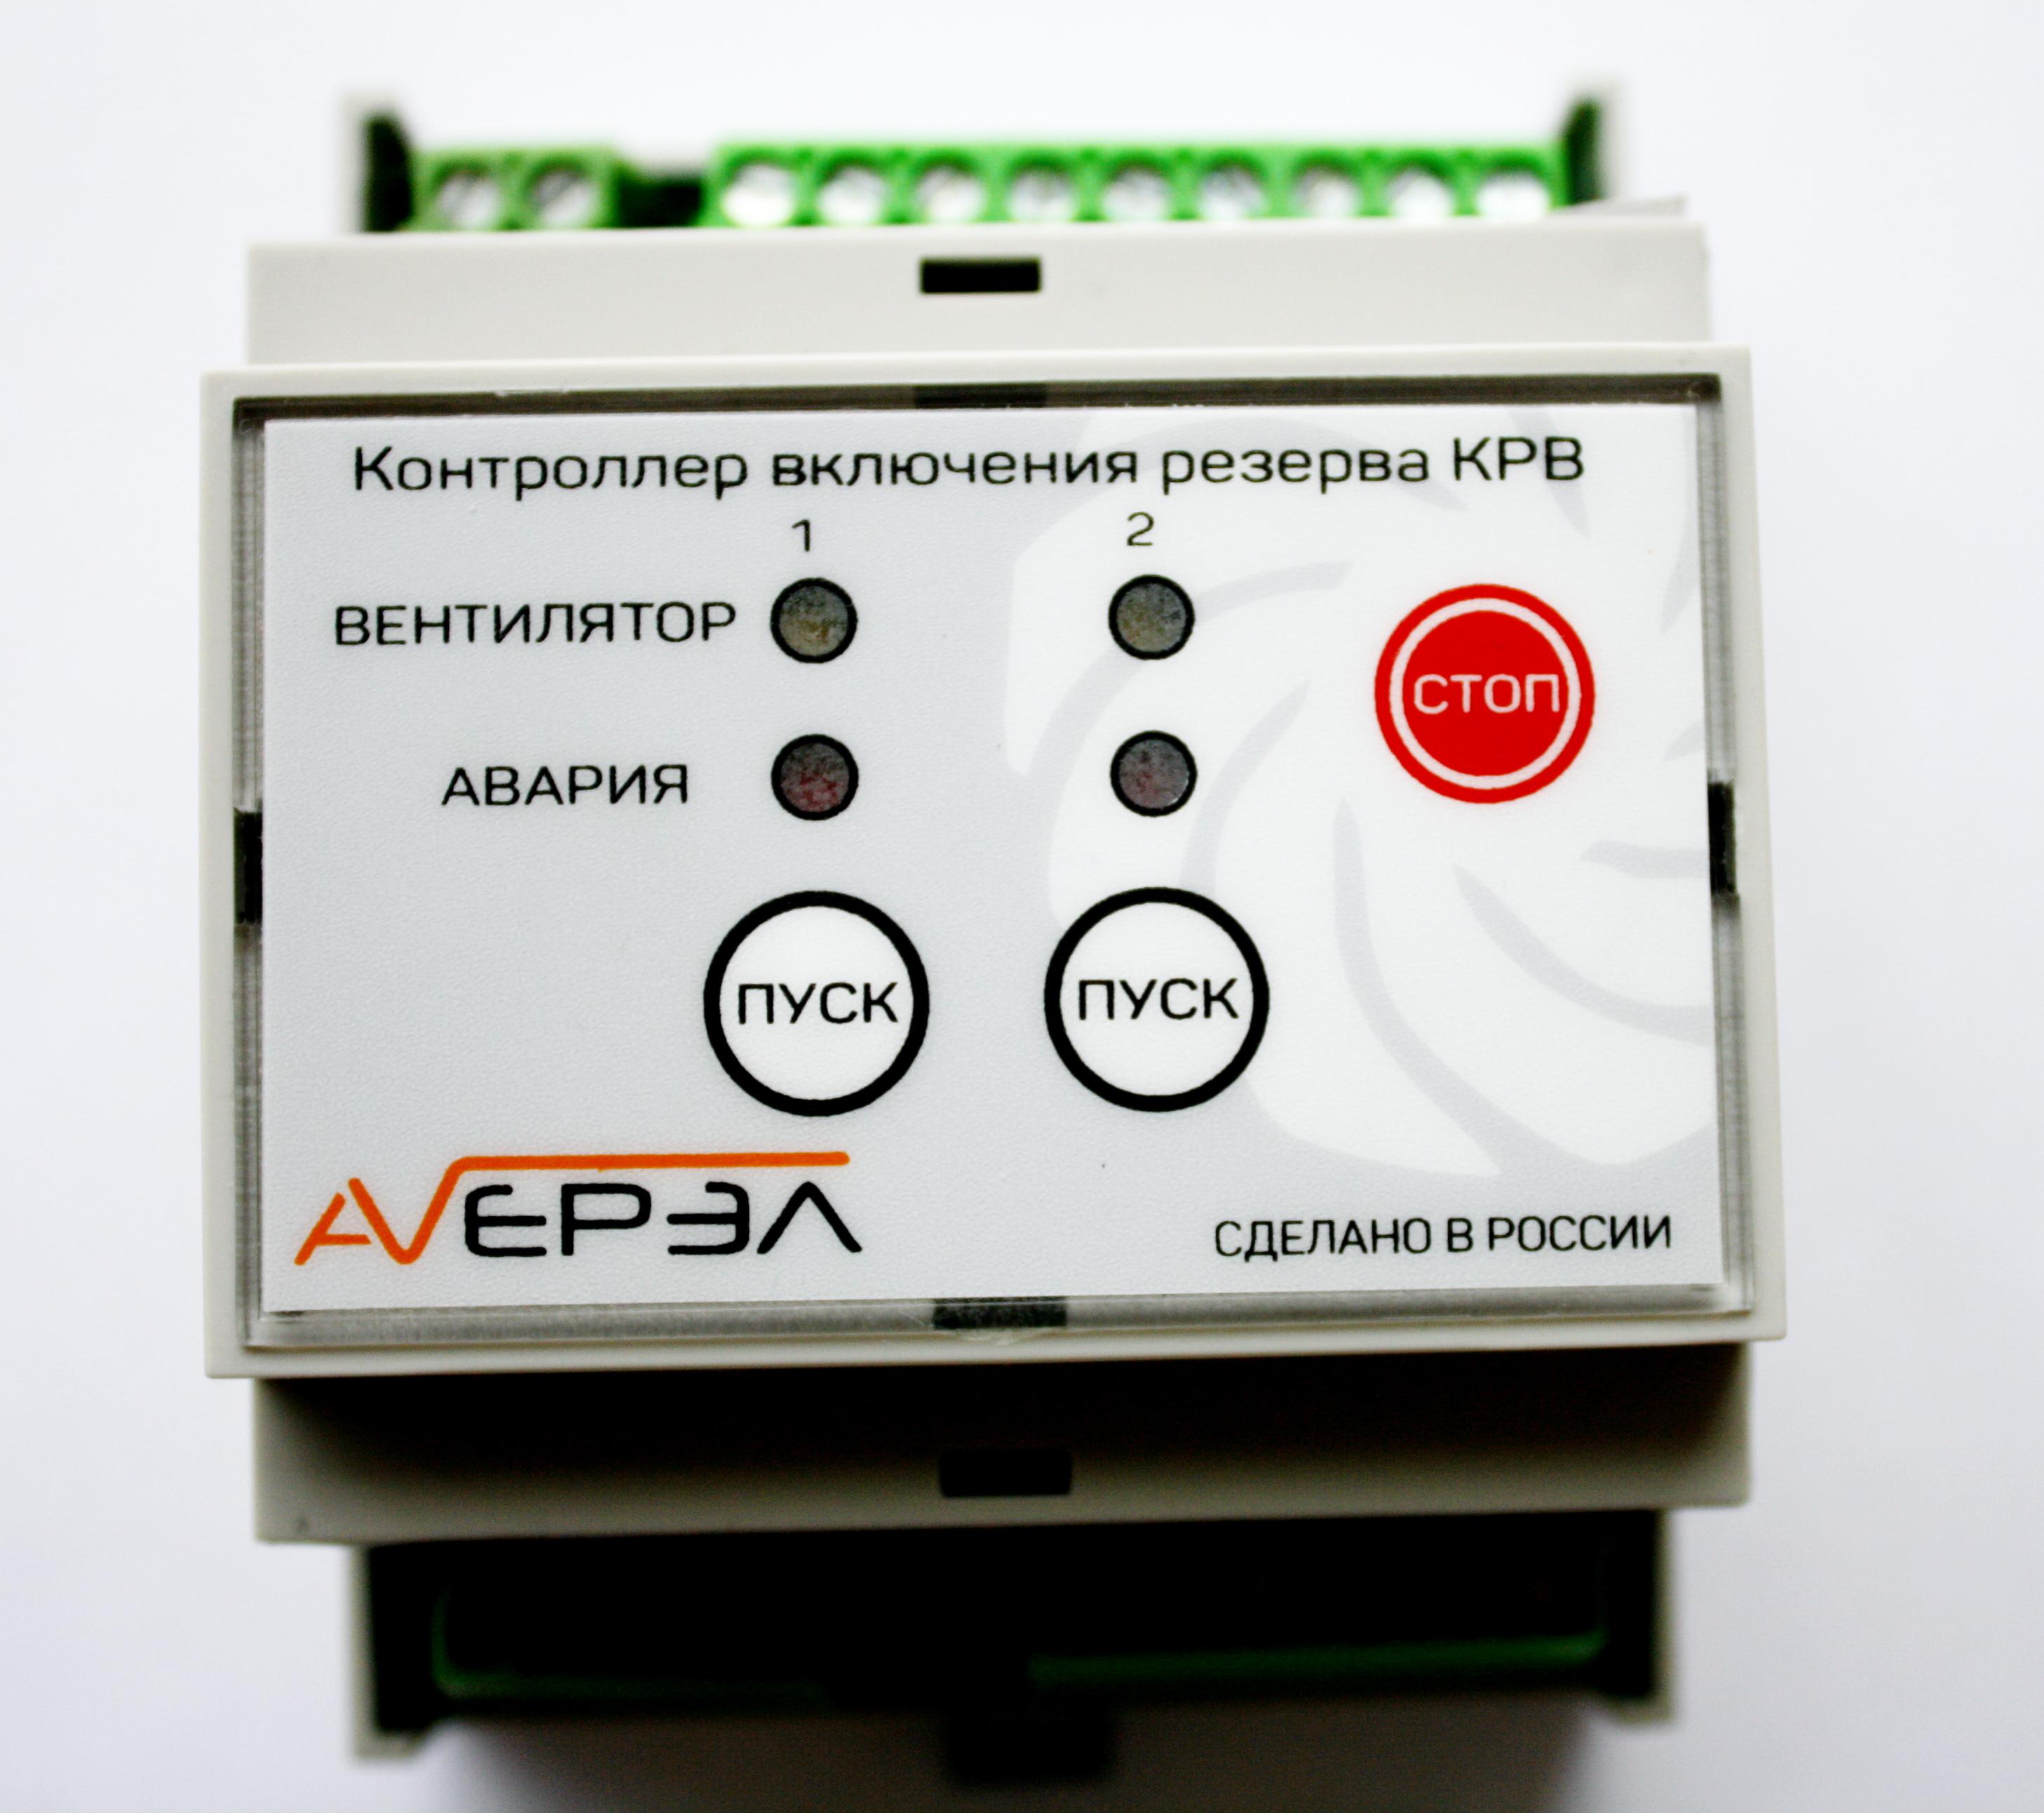 Контроллер управления резервным вентилятором КРВ